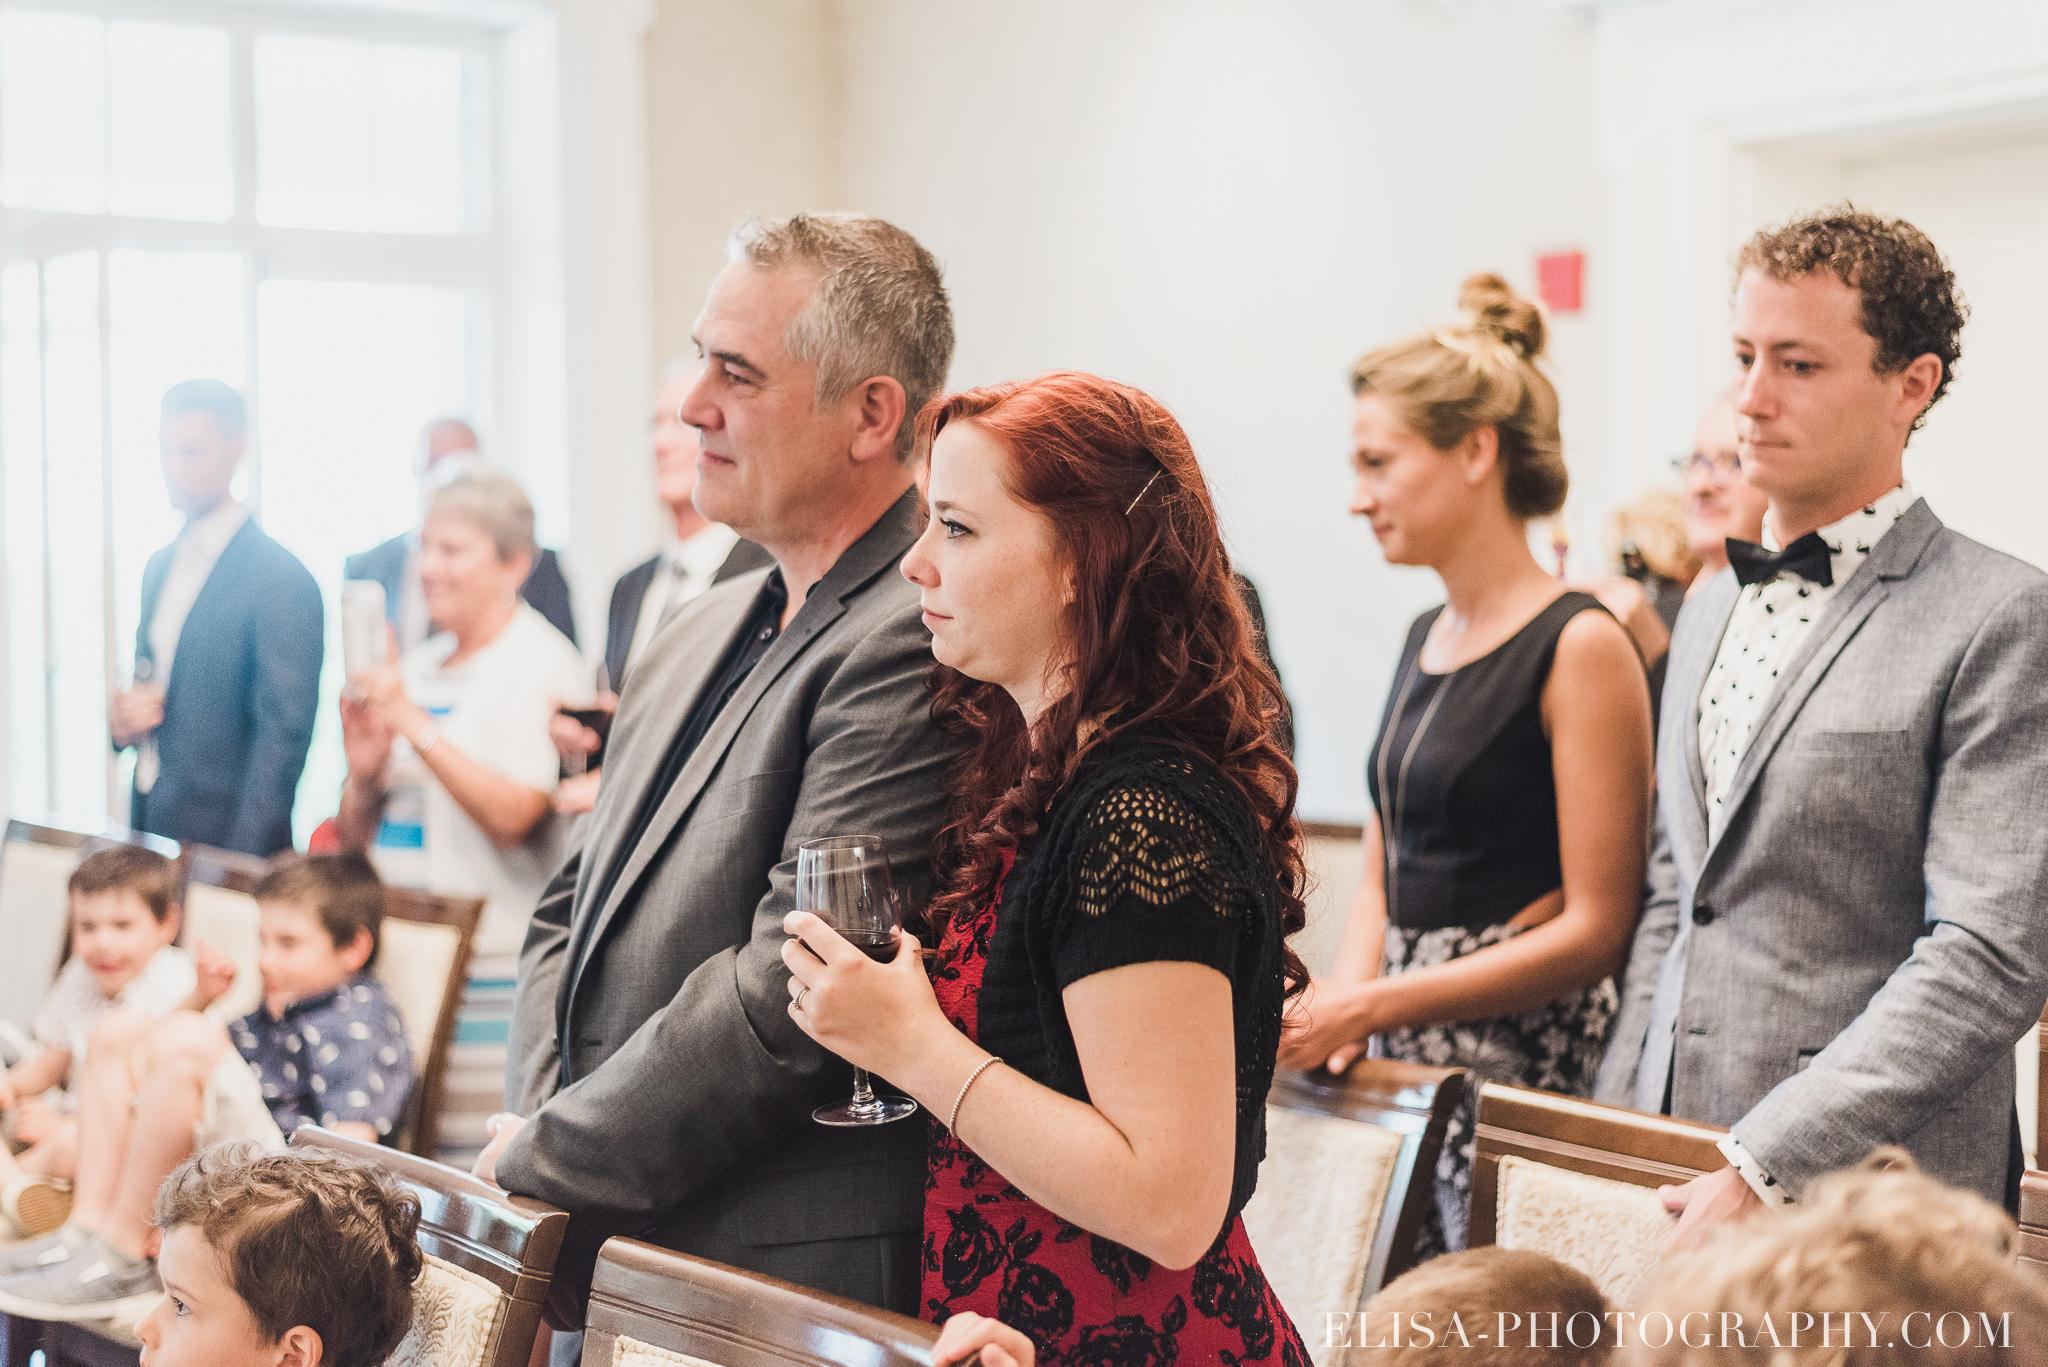 photo mariage domaine cataraqui wedding echange bagues voeux salle ceremonie 2297 - Mariage d'inspiration anglaise au domaine Cataraqui